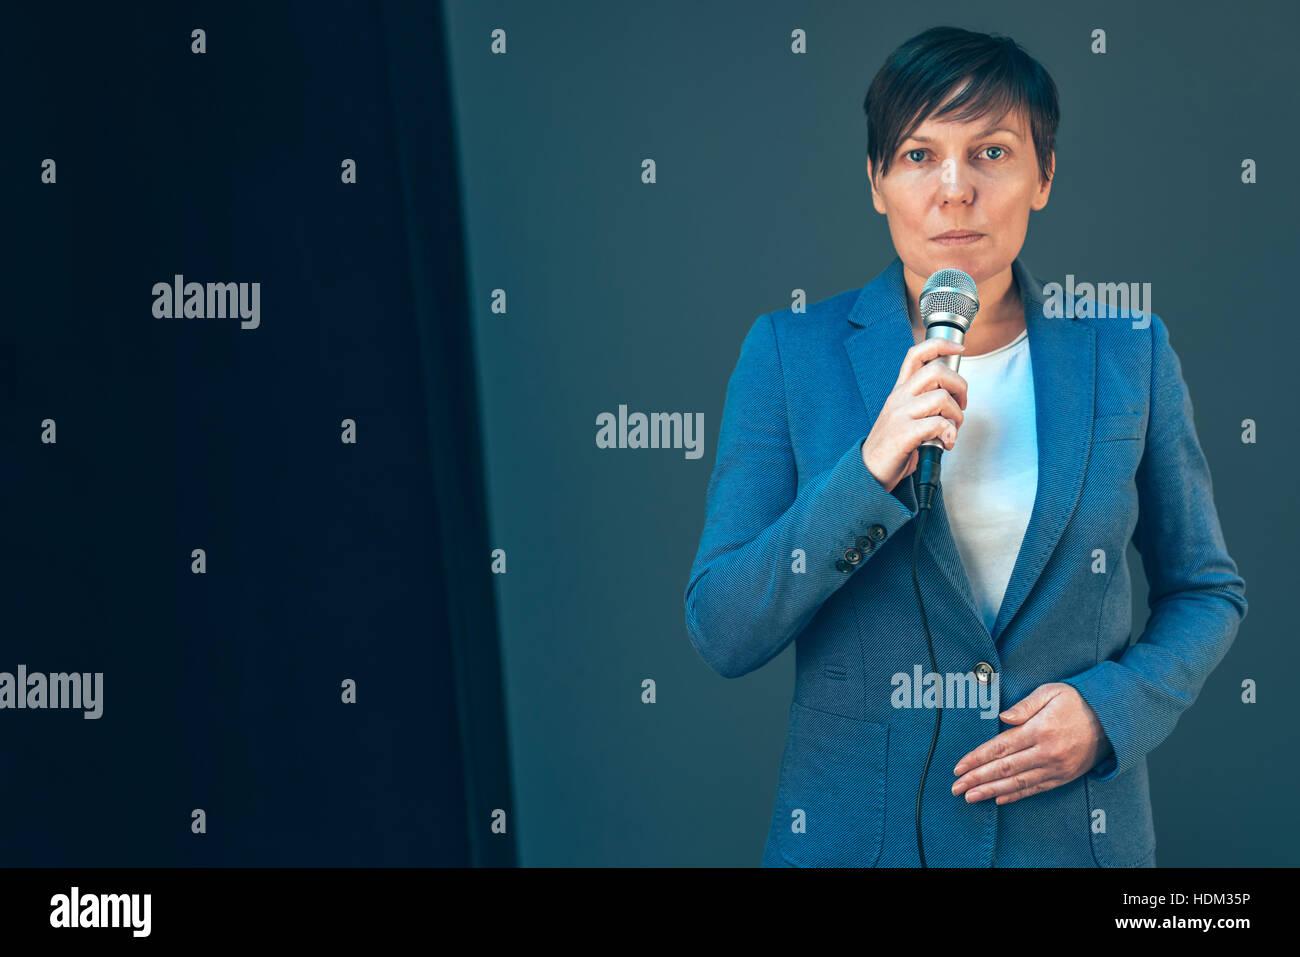 Periodista de la televisión femenina elegante reportaje doing business, sosteniendo el micrófono en la Imagen De Stock